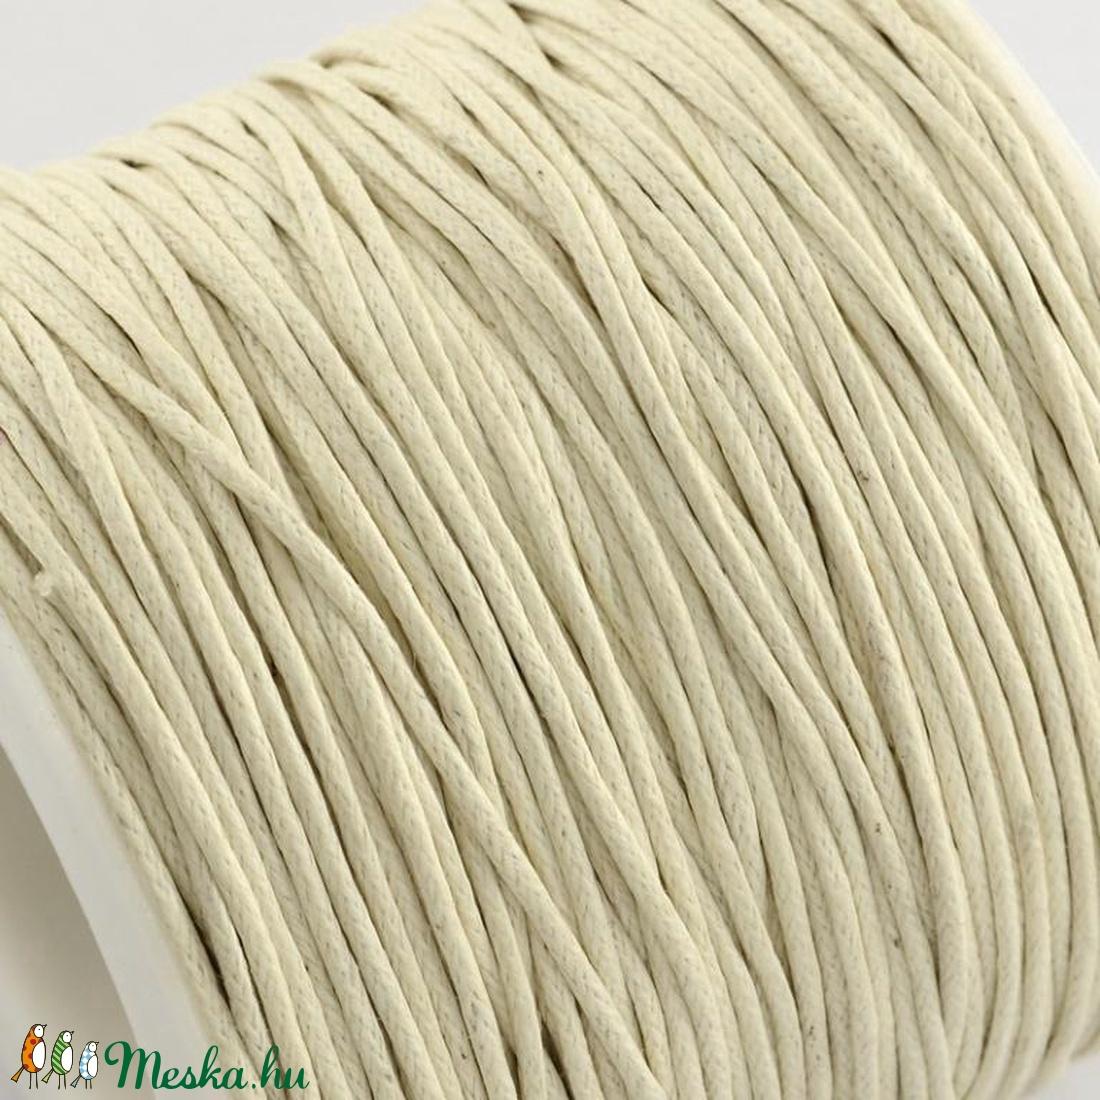 Viaszos pamutzsinór - 1 mm (7. minta/1 m) - beige - gyöngy, ékszerkellék - Meska.hu